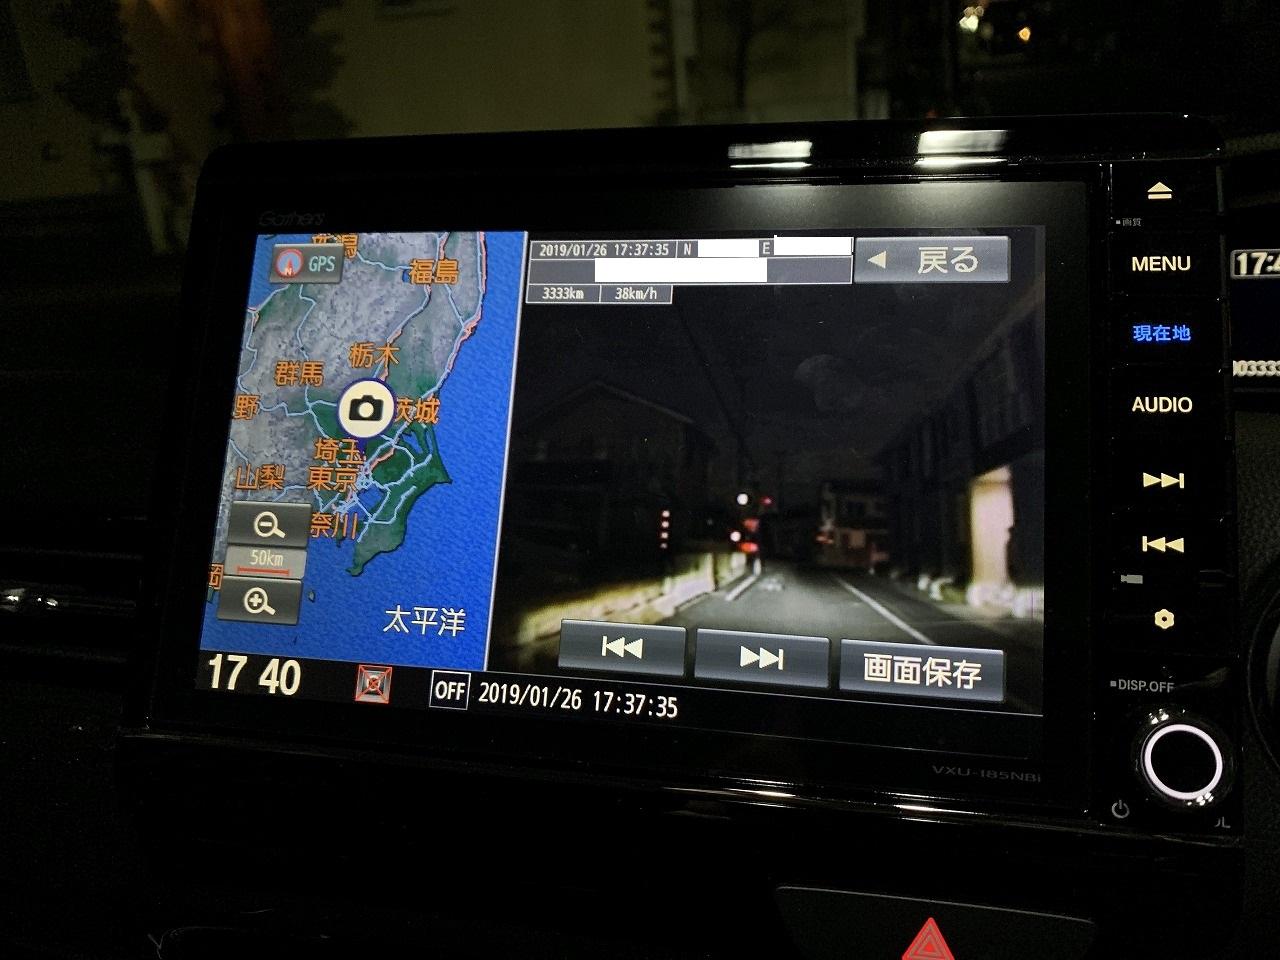 通算走行距離3333km突破^^記念距離メモリー表示や一般的な年間走行距離の平均値は?